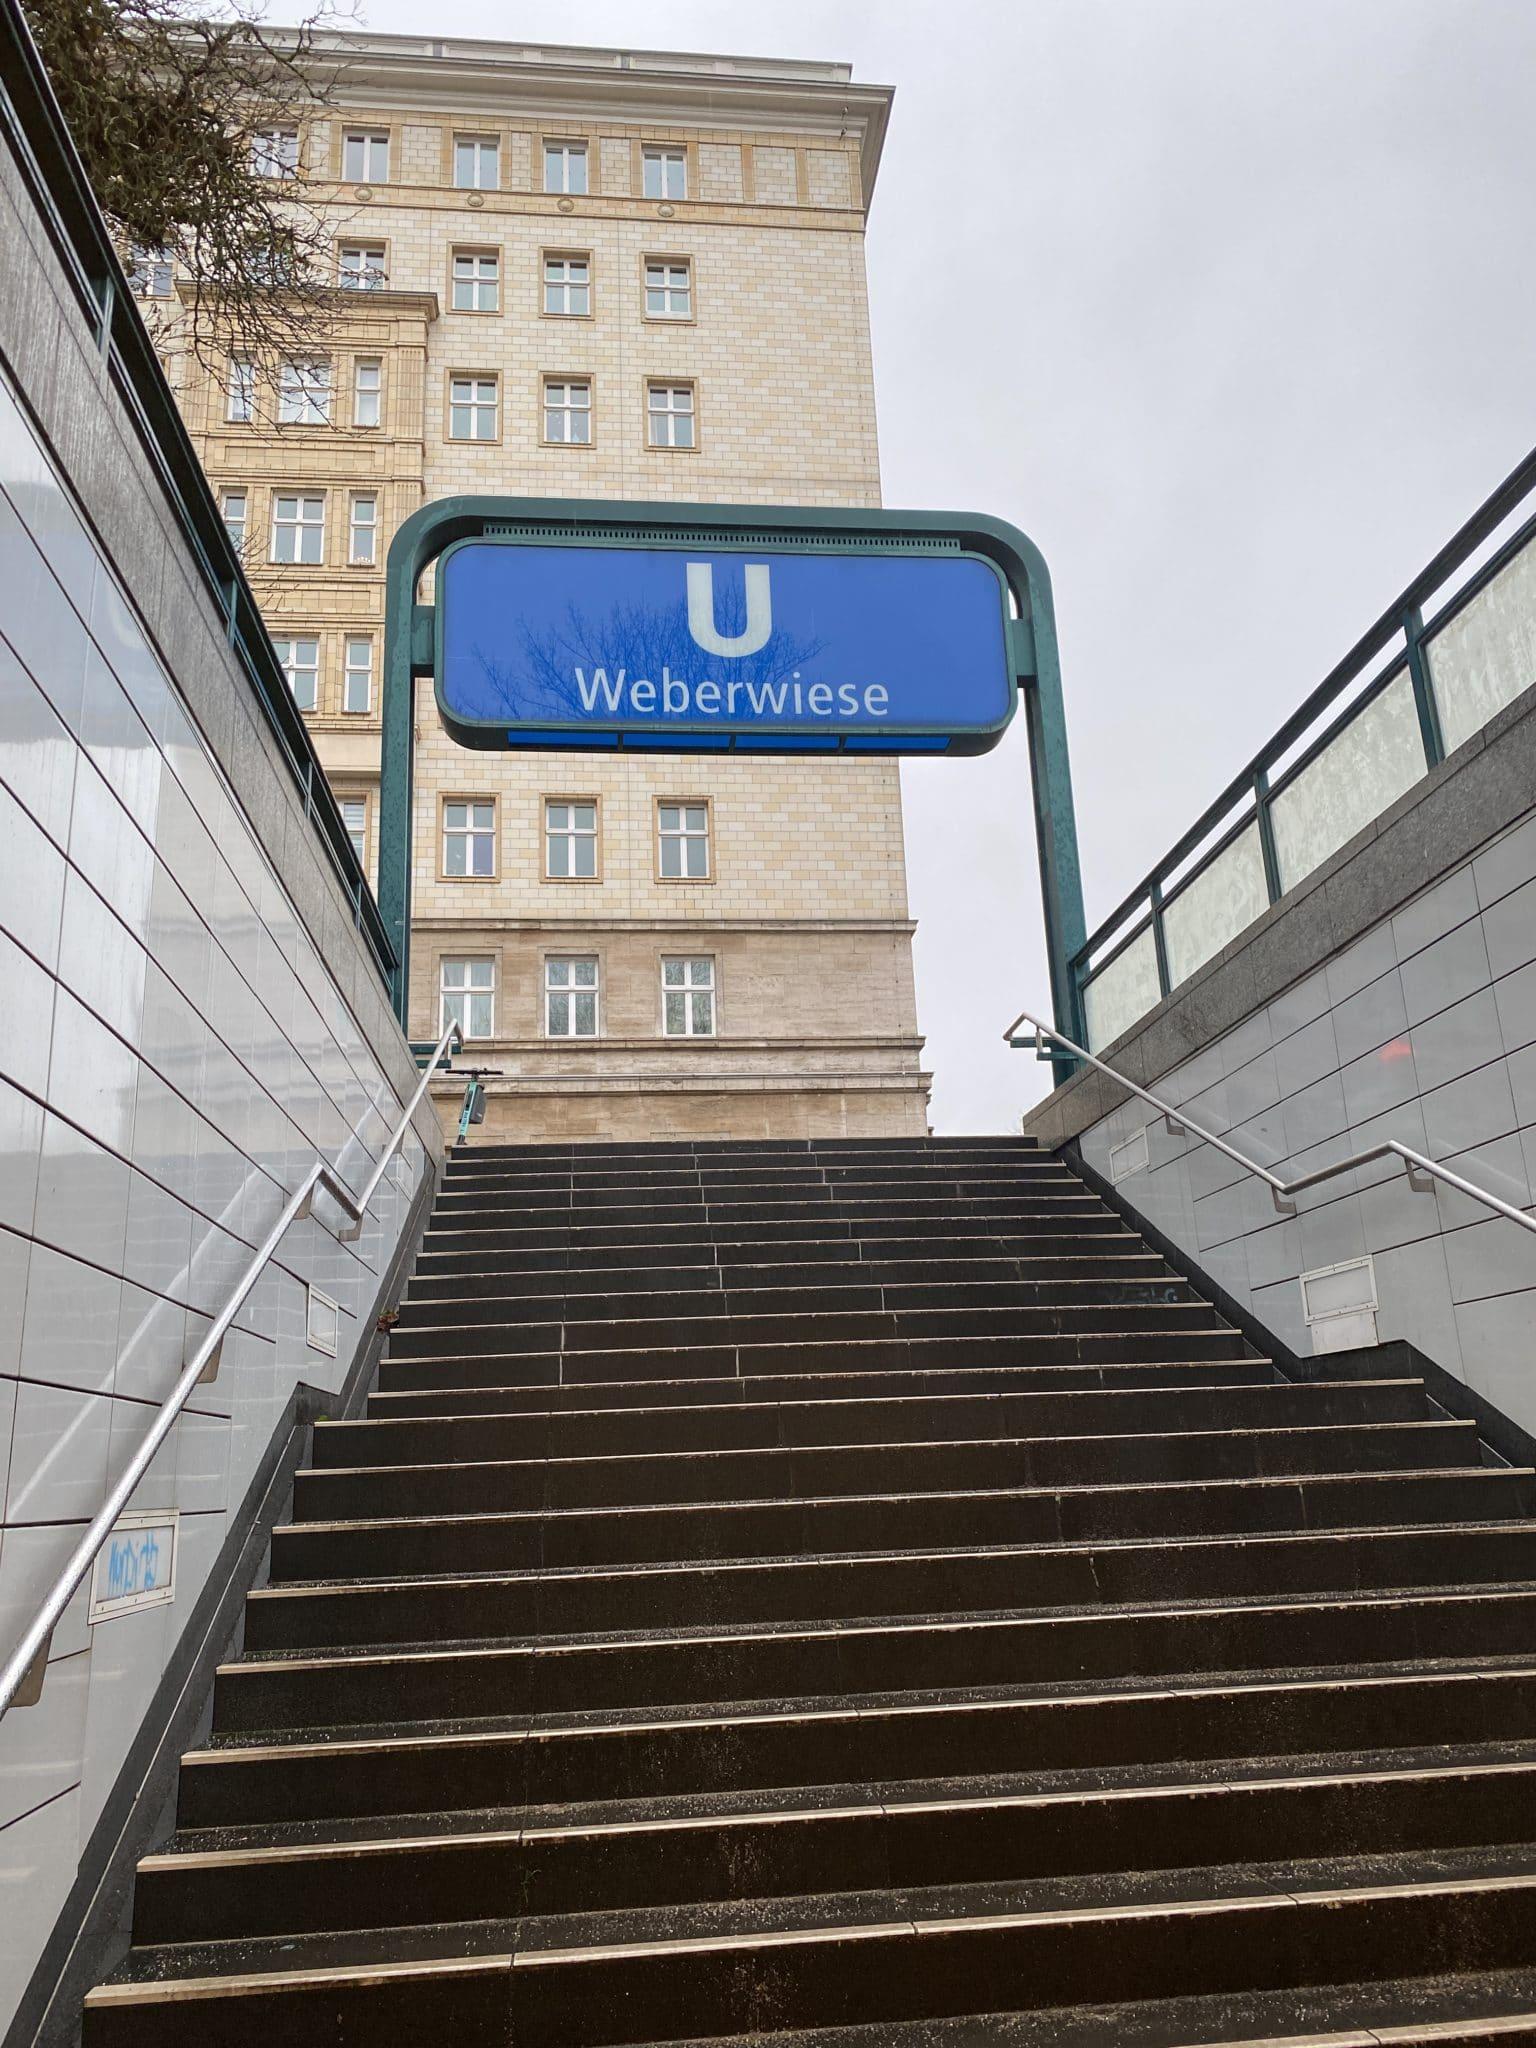 #2 Nach der Arbeit mal wieder die U-Bahn nehmen, die U55 fährt jetzt bis Hauptbahnhof. Es ist alles sehr aufregend.